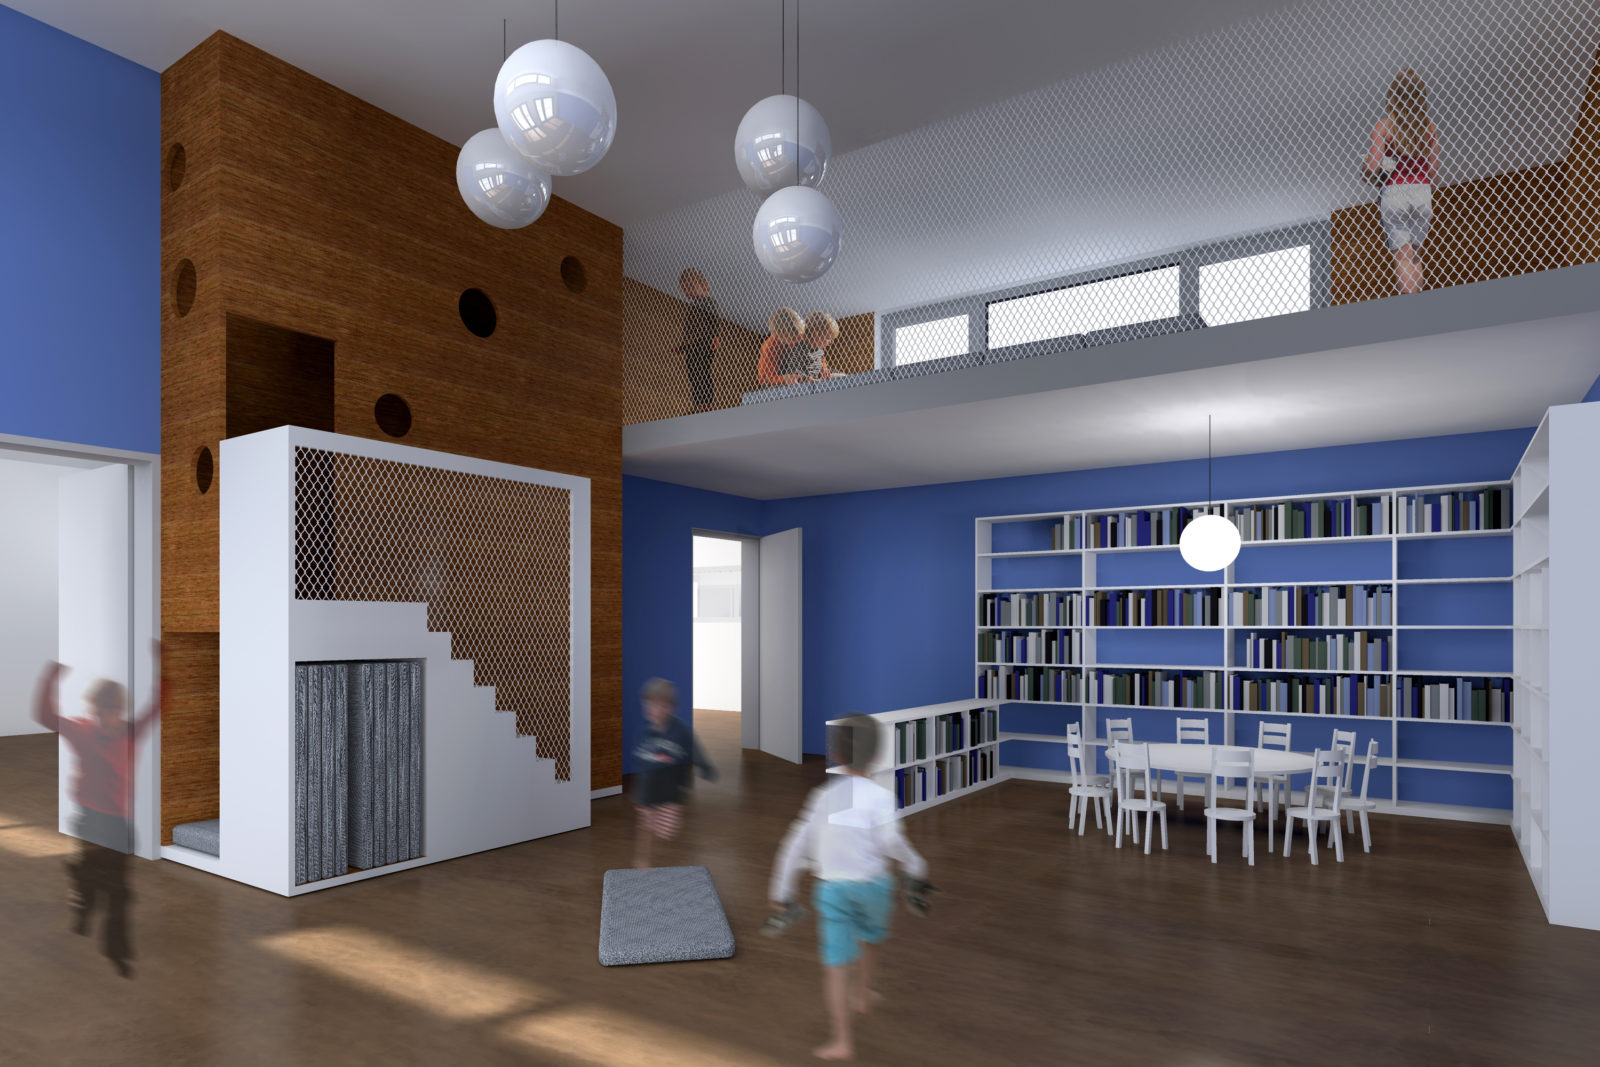 Neubau Kita Ludolf-Colditz-Straße in Leipzig, Stötteritz - Gruppenraum mit Spielempore